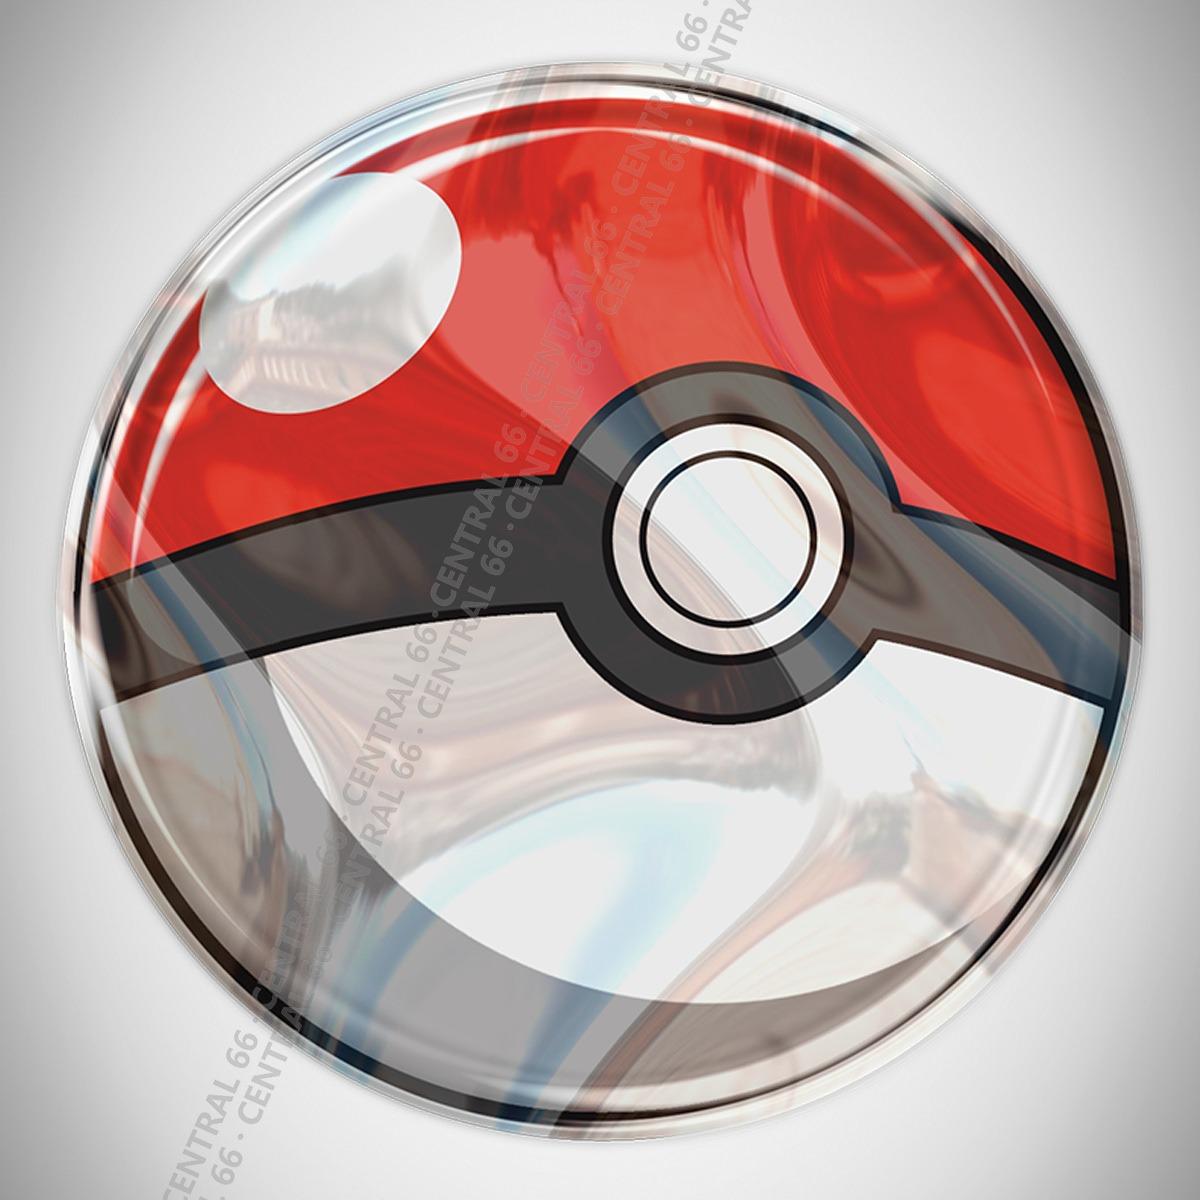 Adesivo Desenho Pokemon Pokebola Resinado R 29 90 Em Mercado Livre